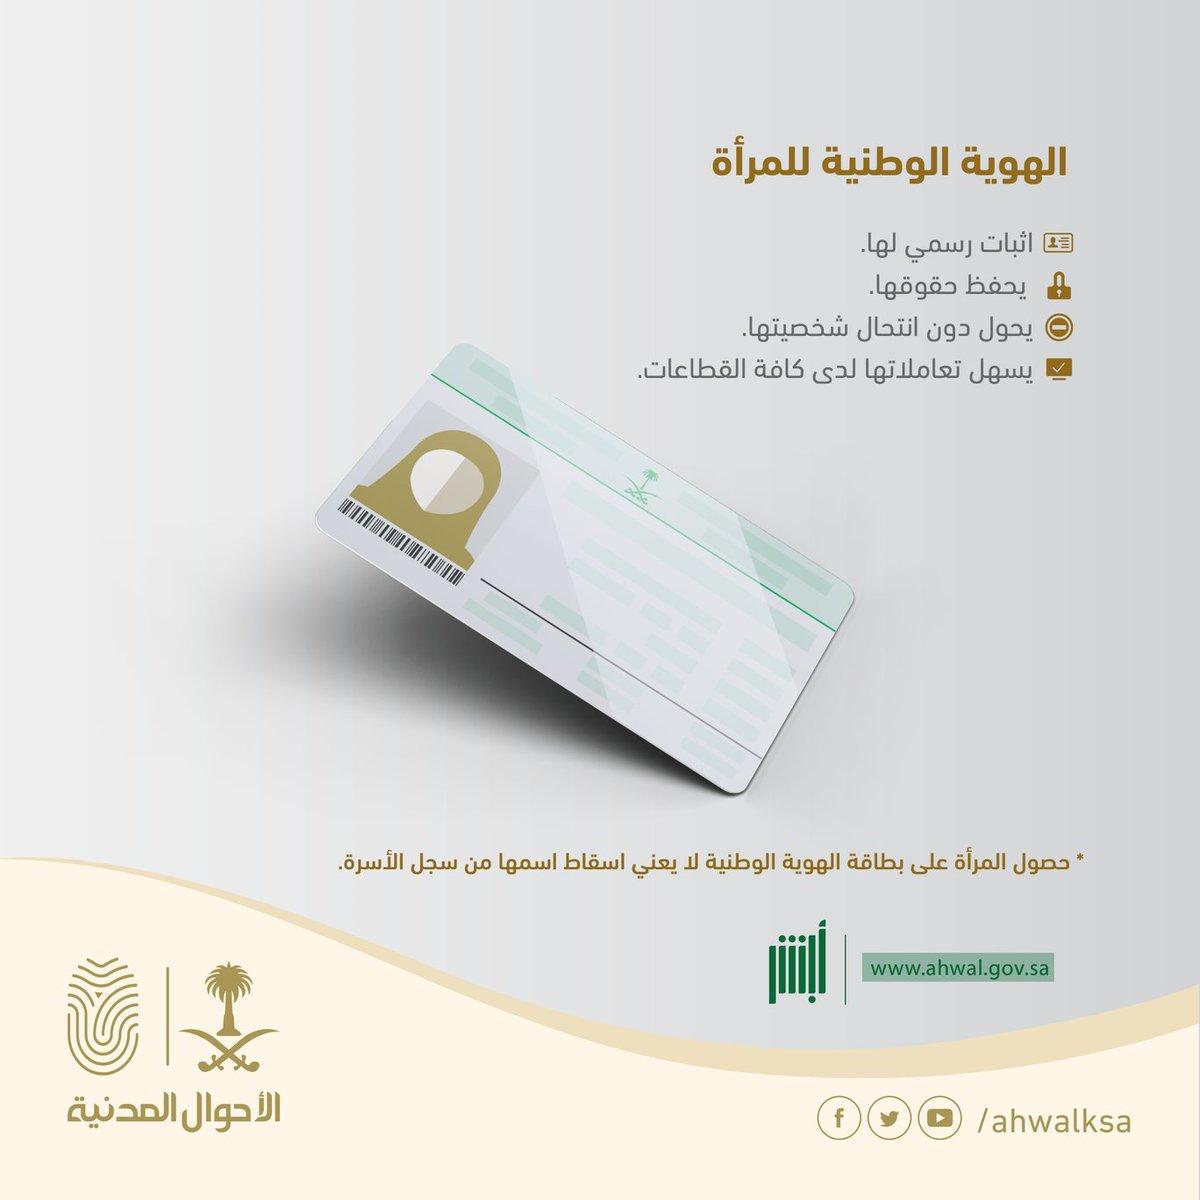 الأحوال المدنية V Tvittere حصول المرأة على بطاقة الهوية الوطنية لا يترتب عليه إسقاط اسمها من سجل الأسرة الأحوال المدنية